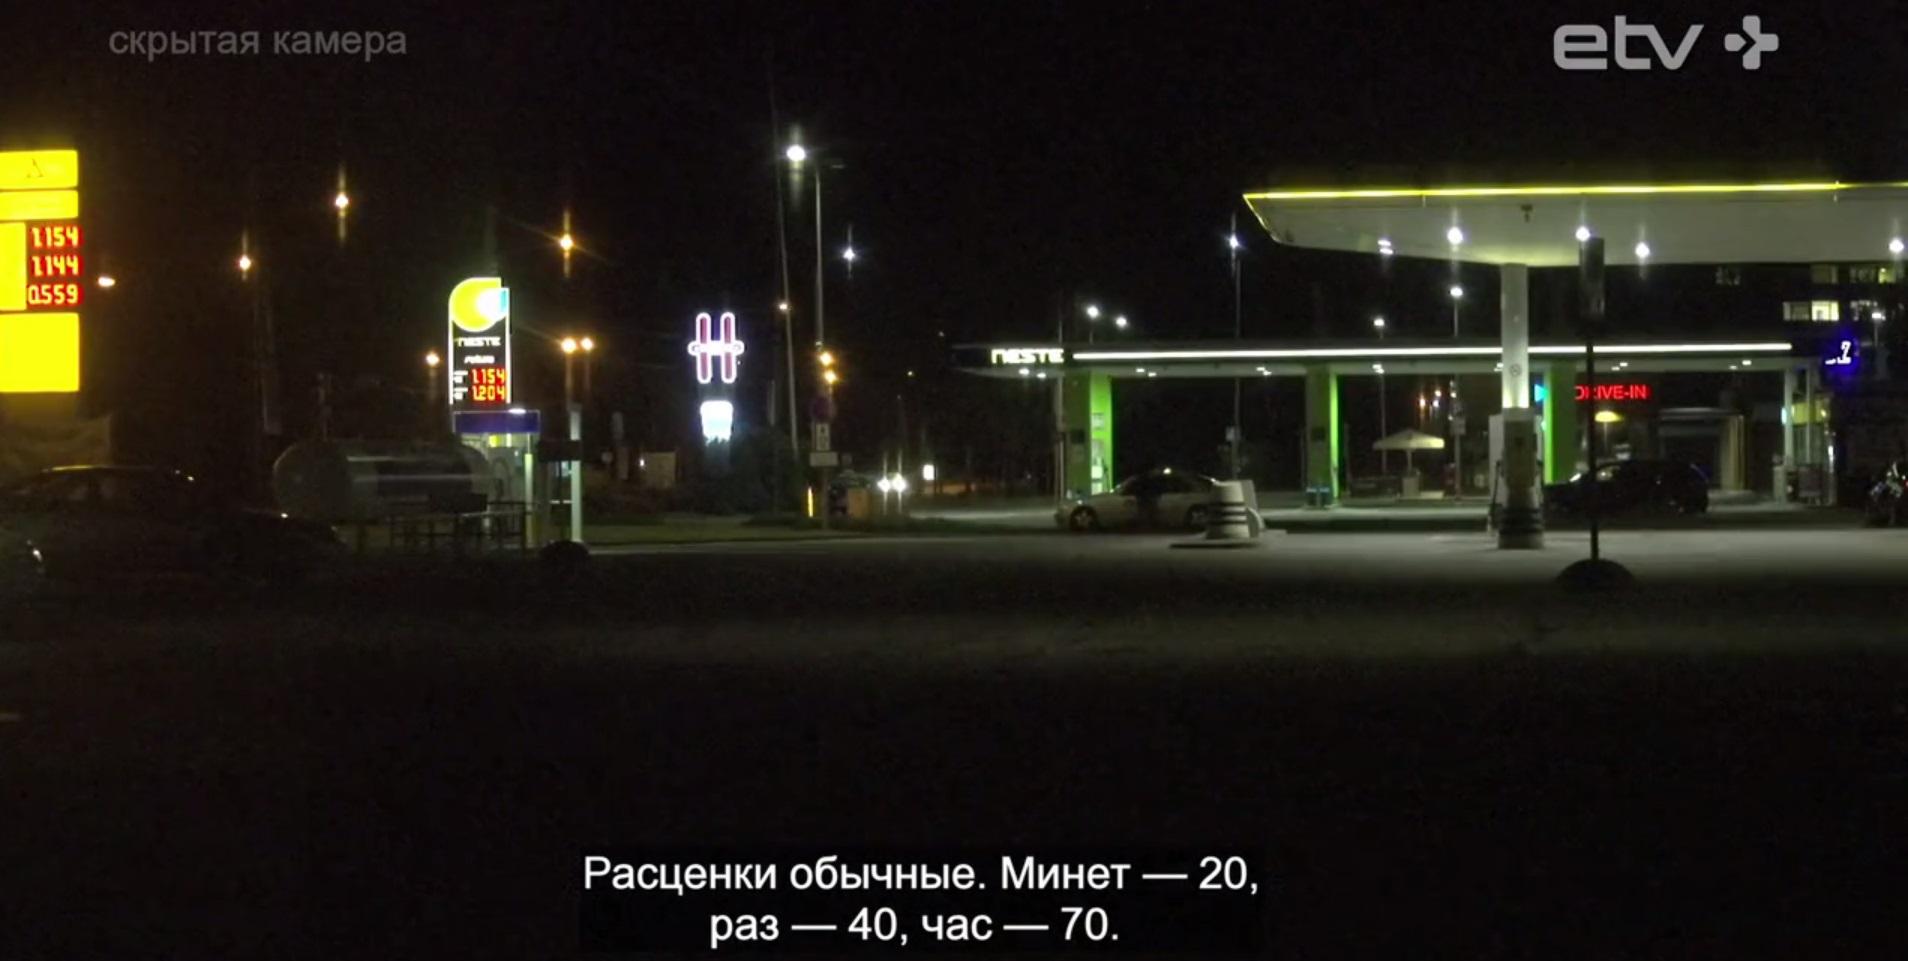 Идндивидуалку снять Волковский просп. интим Невский Проспект спб